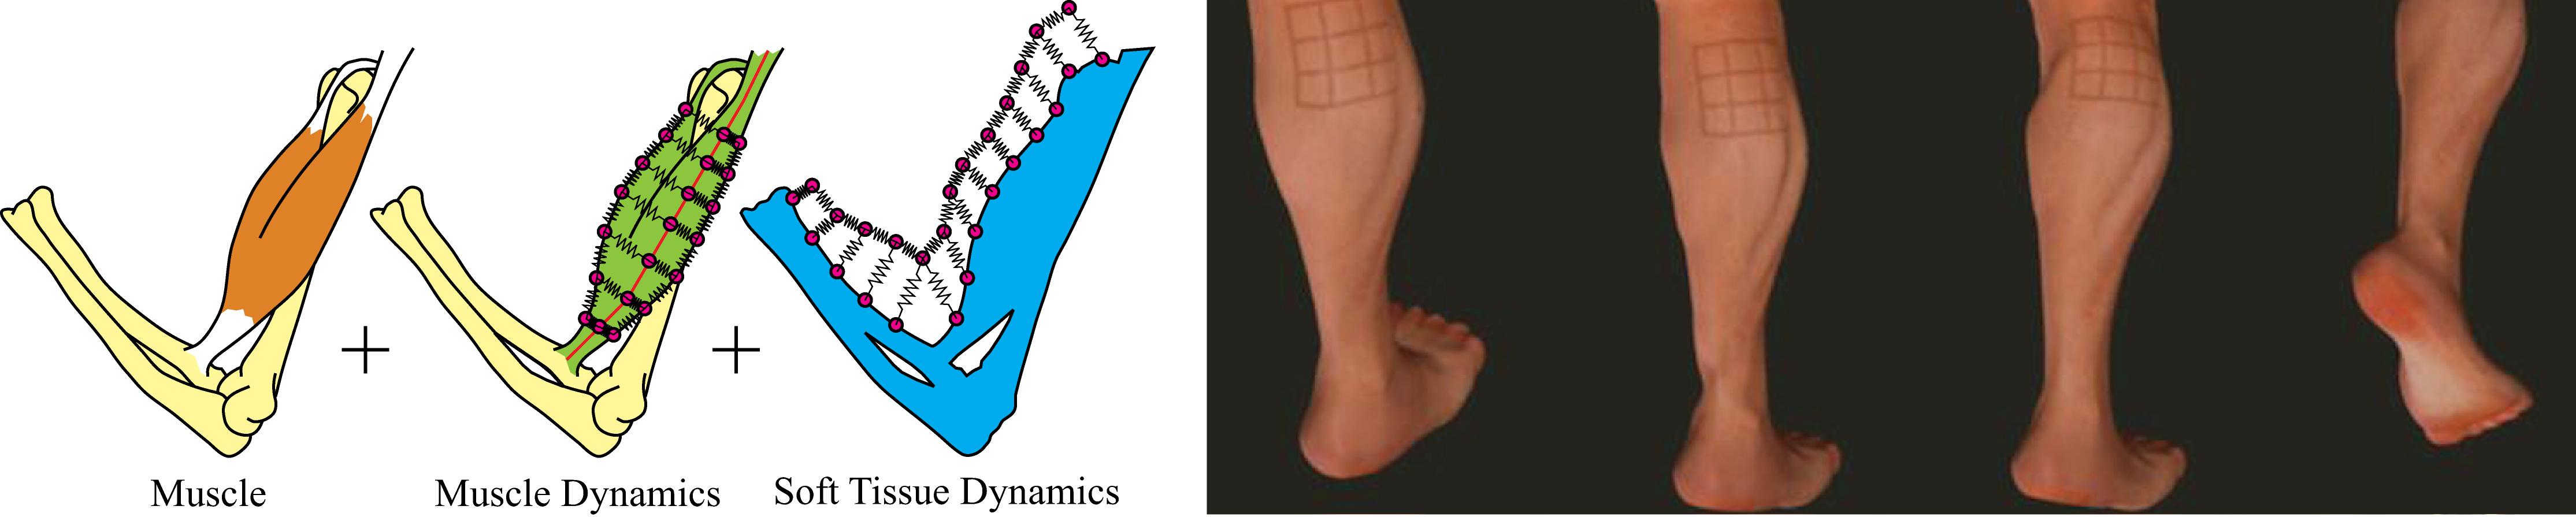 disney research dynamic skin deformation simulationusing